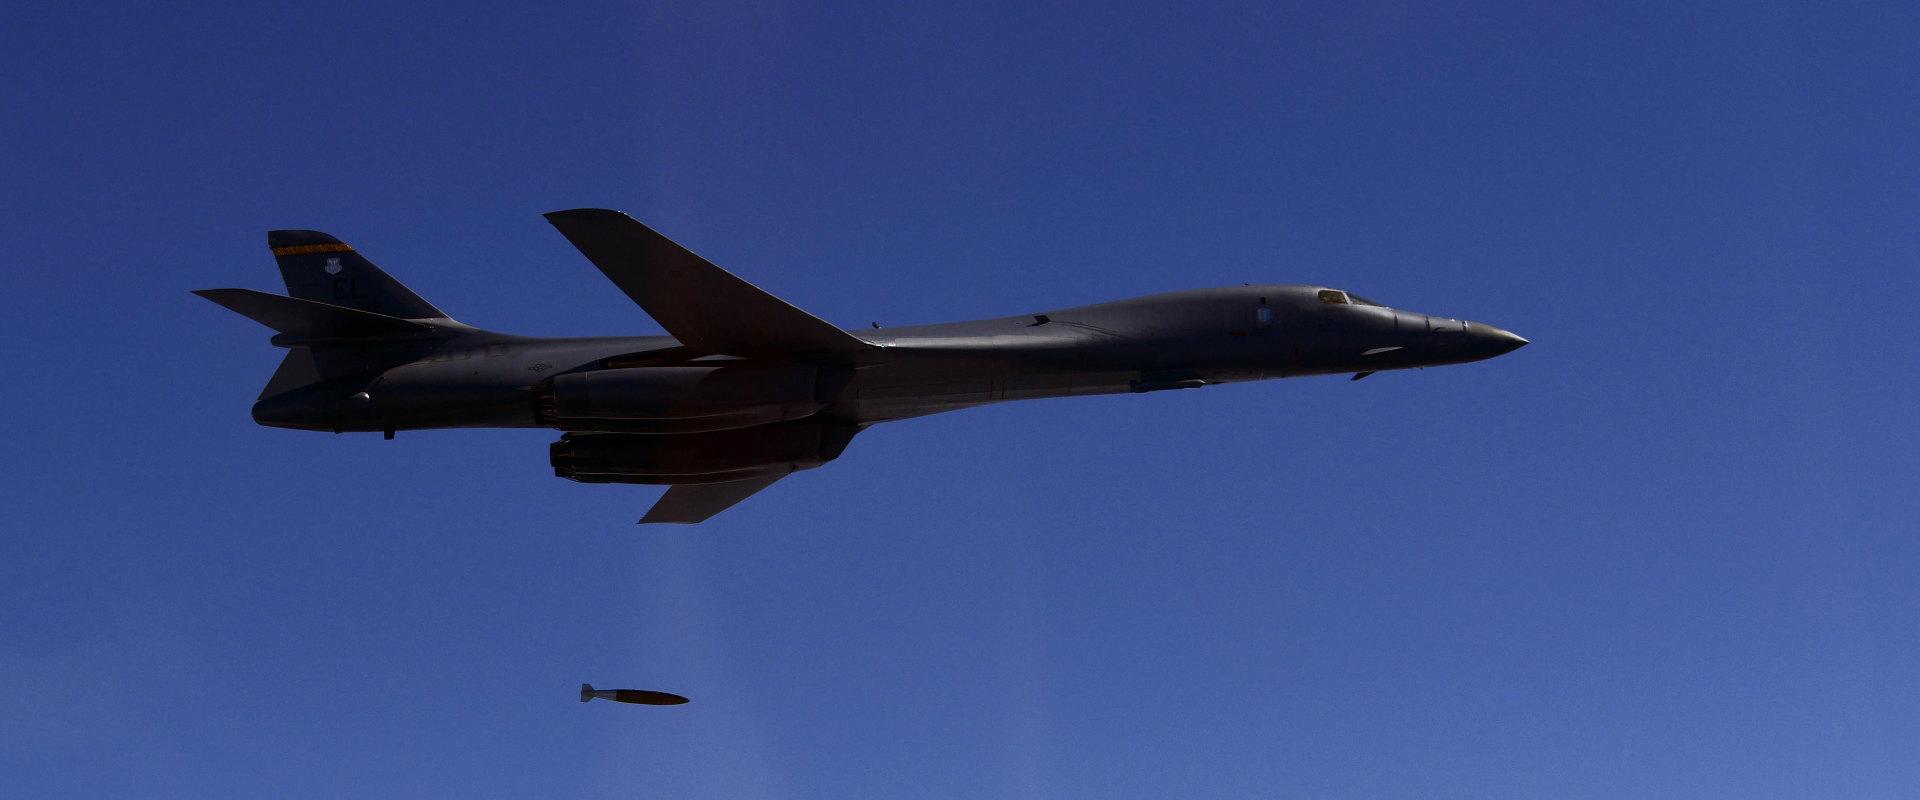 מפציץ B-1B אמריקני